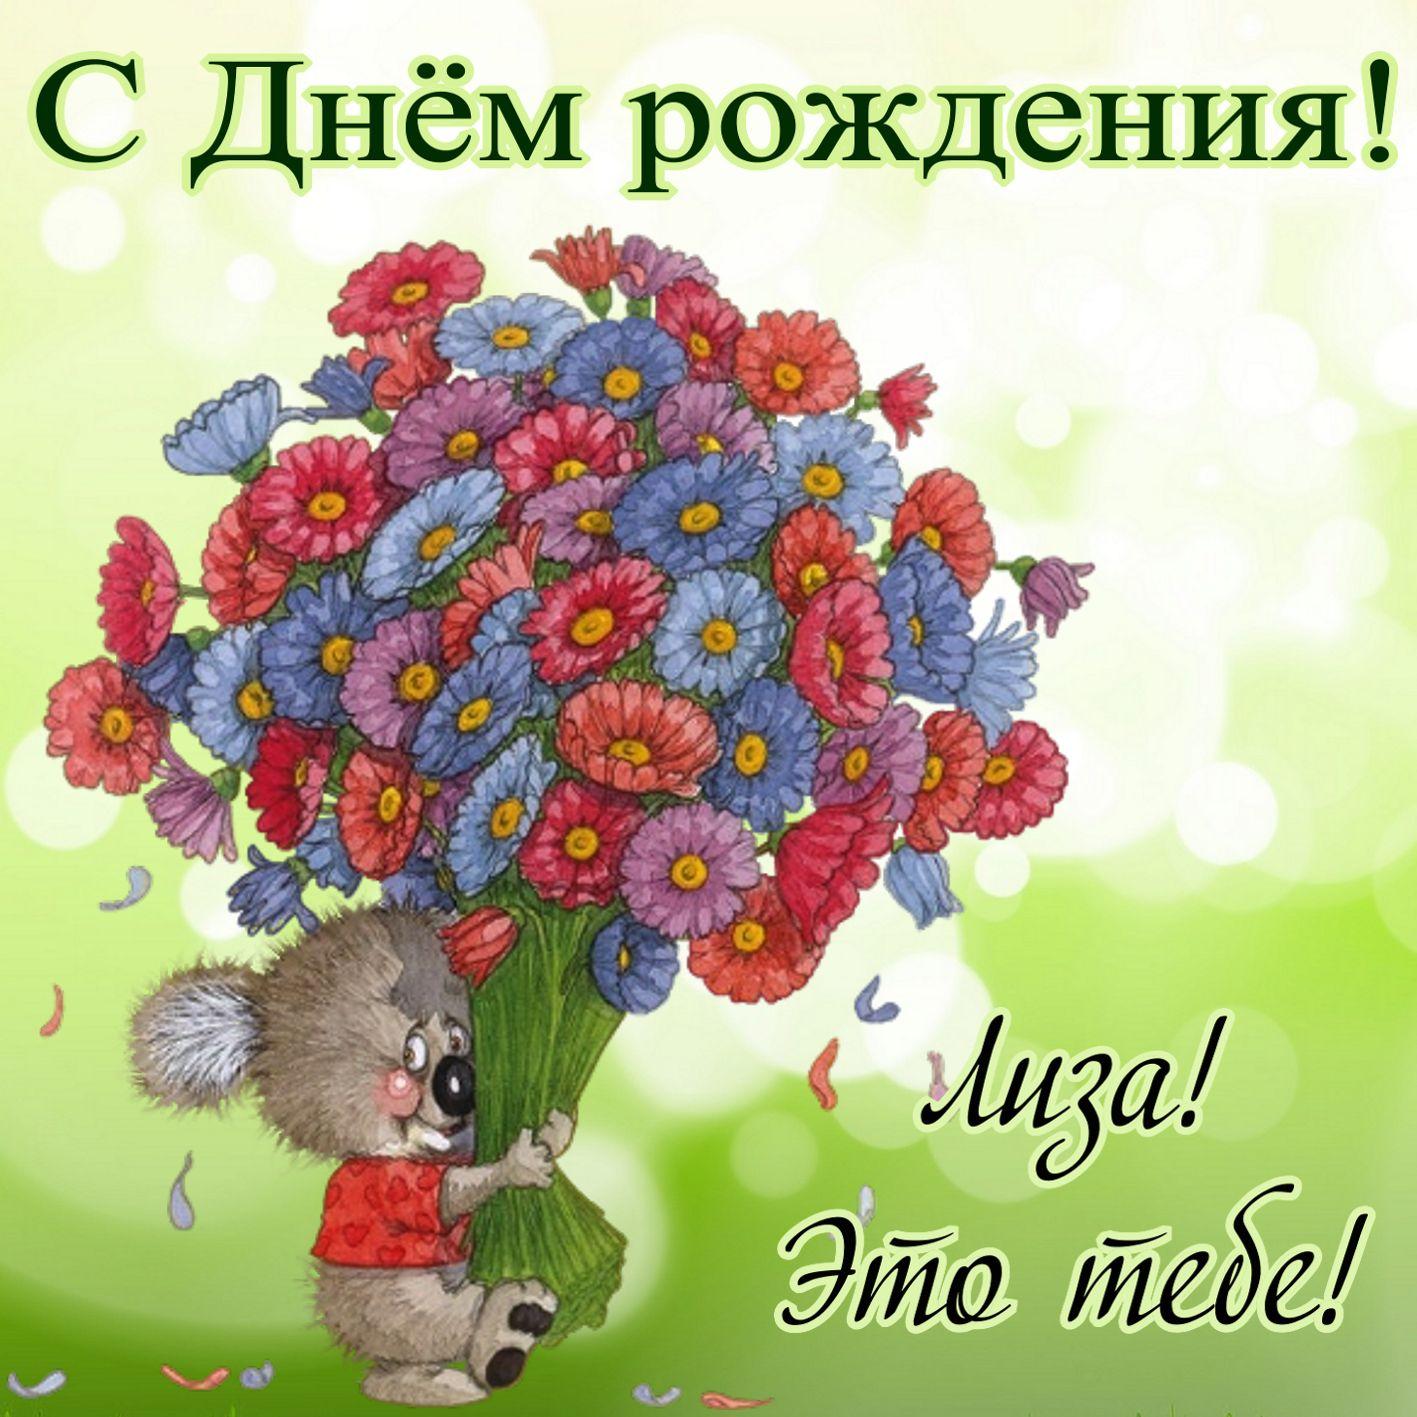 Открытка на День рождения Лизе - медвежонок с огромным букетом цветов